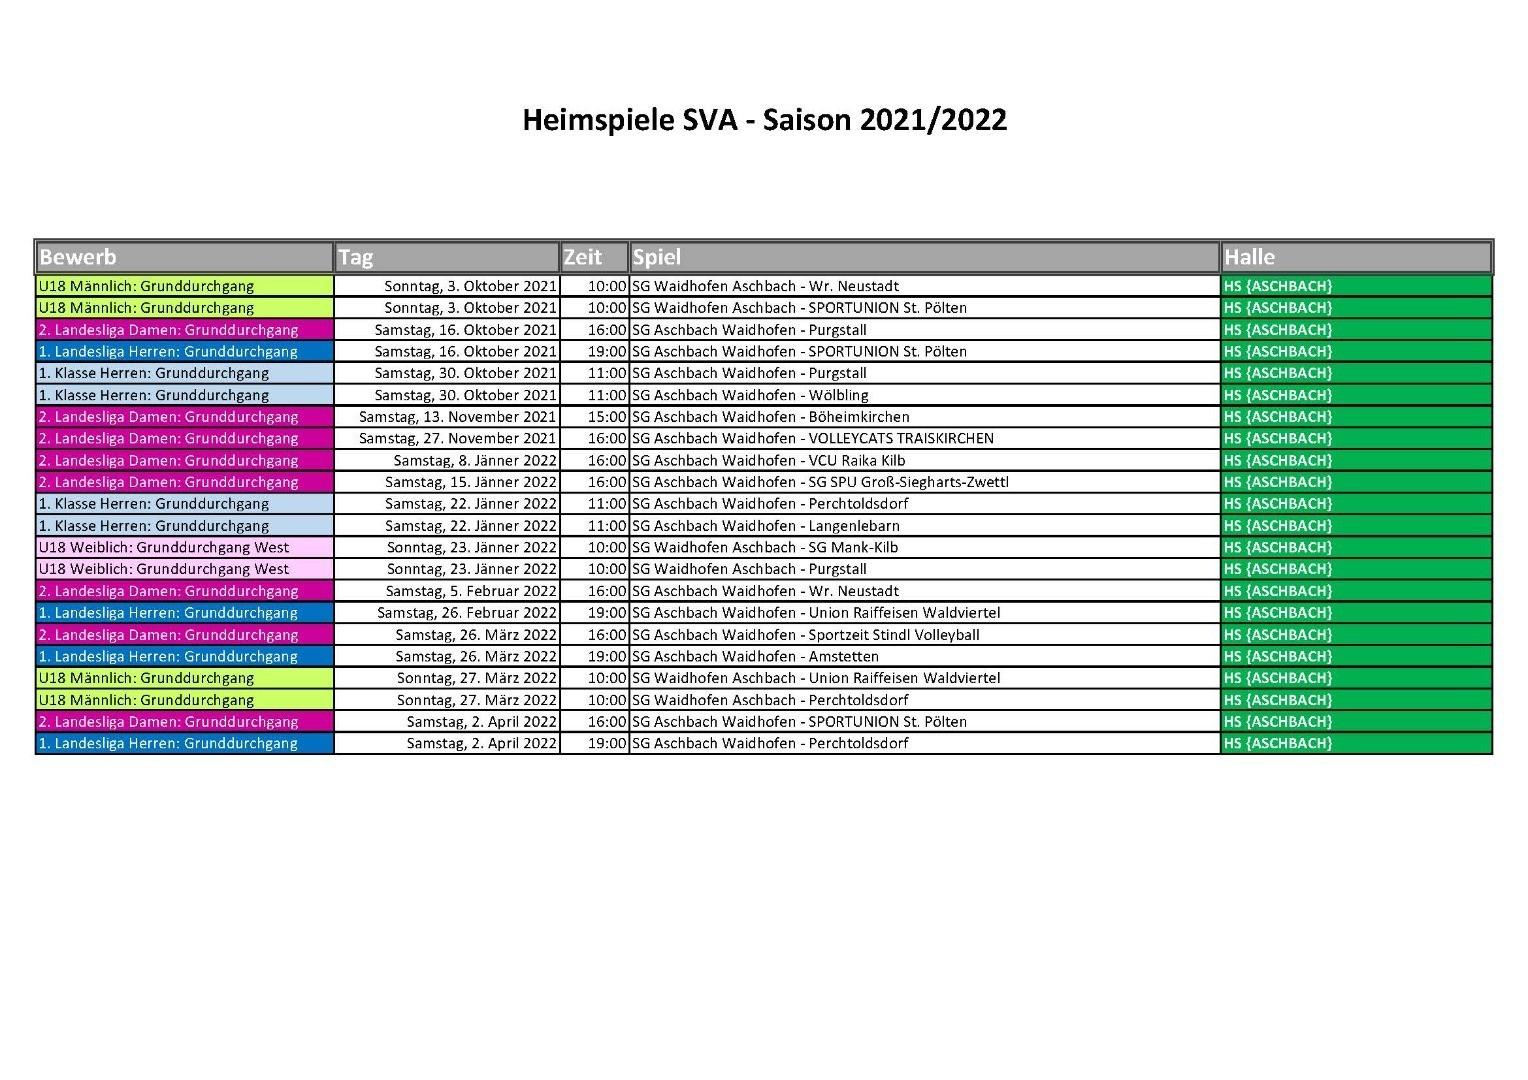 Heimspiele SVA Saison 21-22.jpg